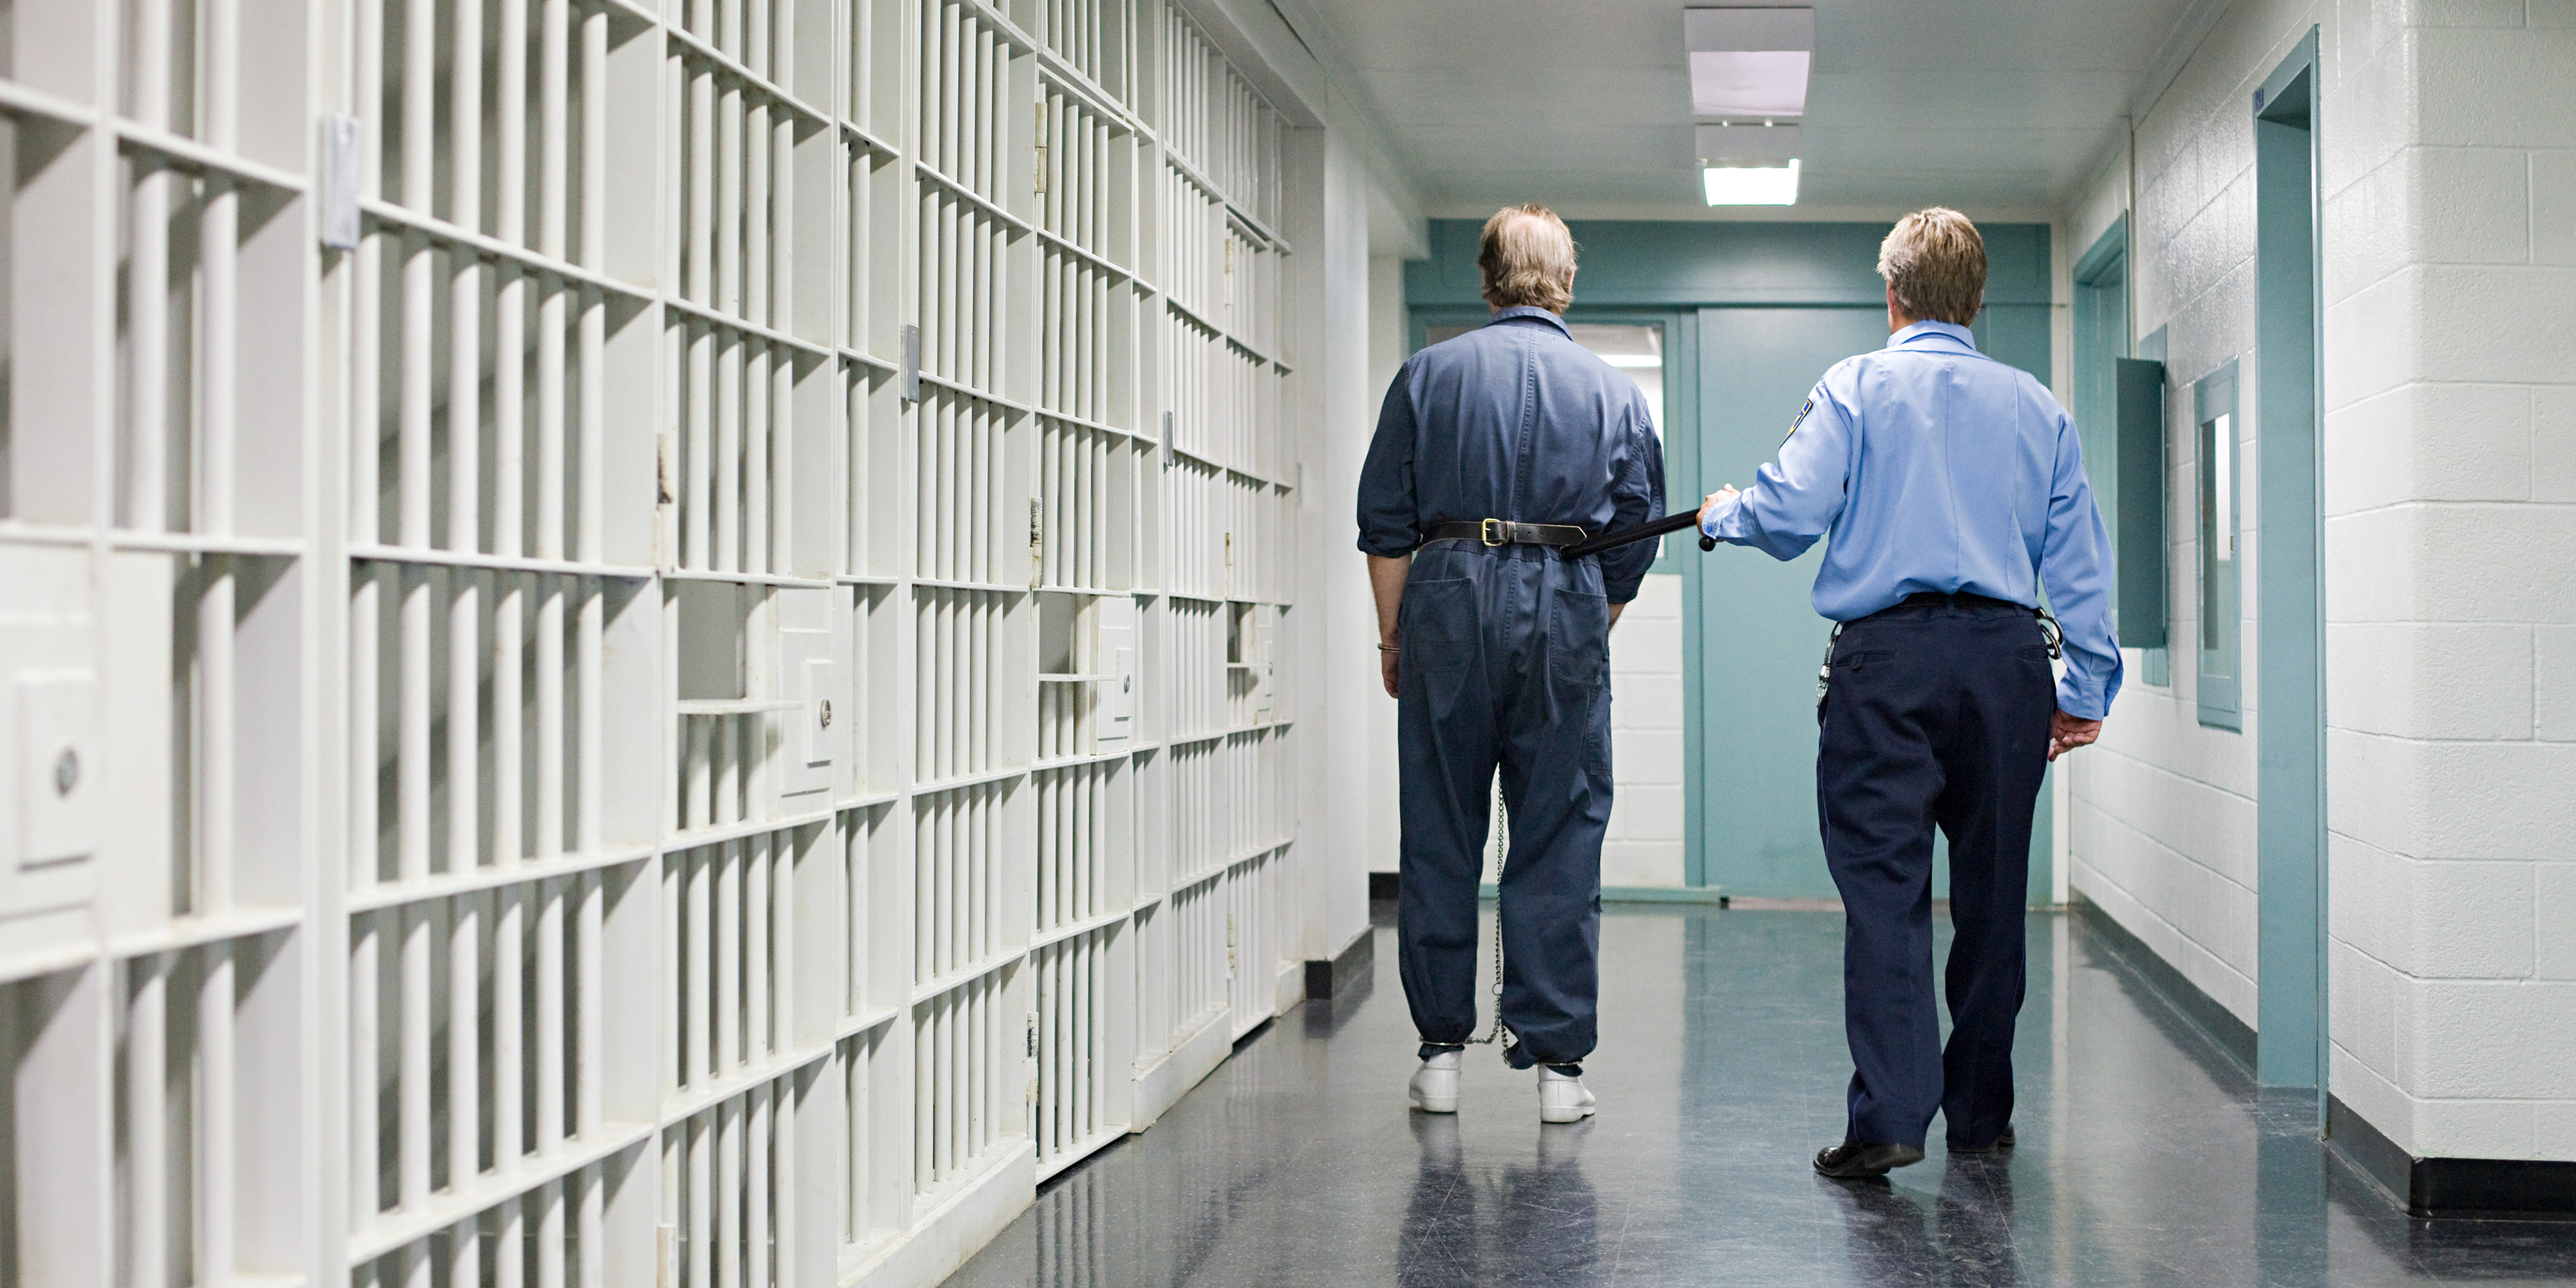 PRISONER GUARD